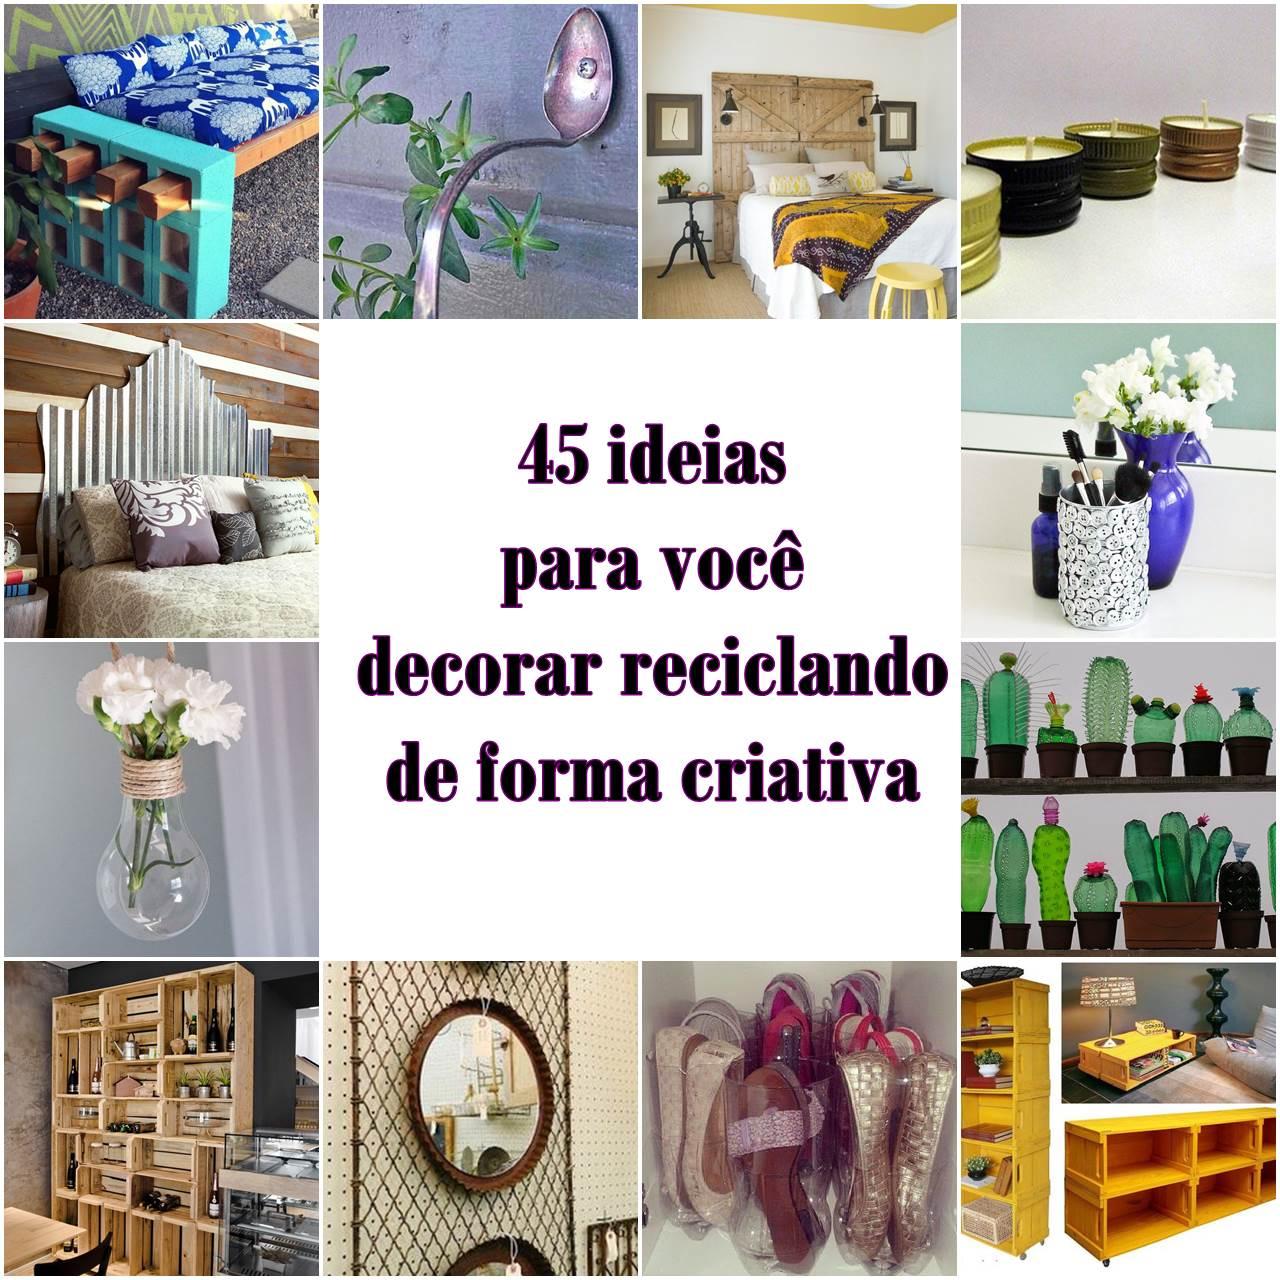 As melhores dicas de decora o e reciclagem reciclar e decorar blog de decora o e reciclagem - Decorar paredes reciclando ...